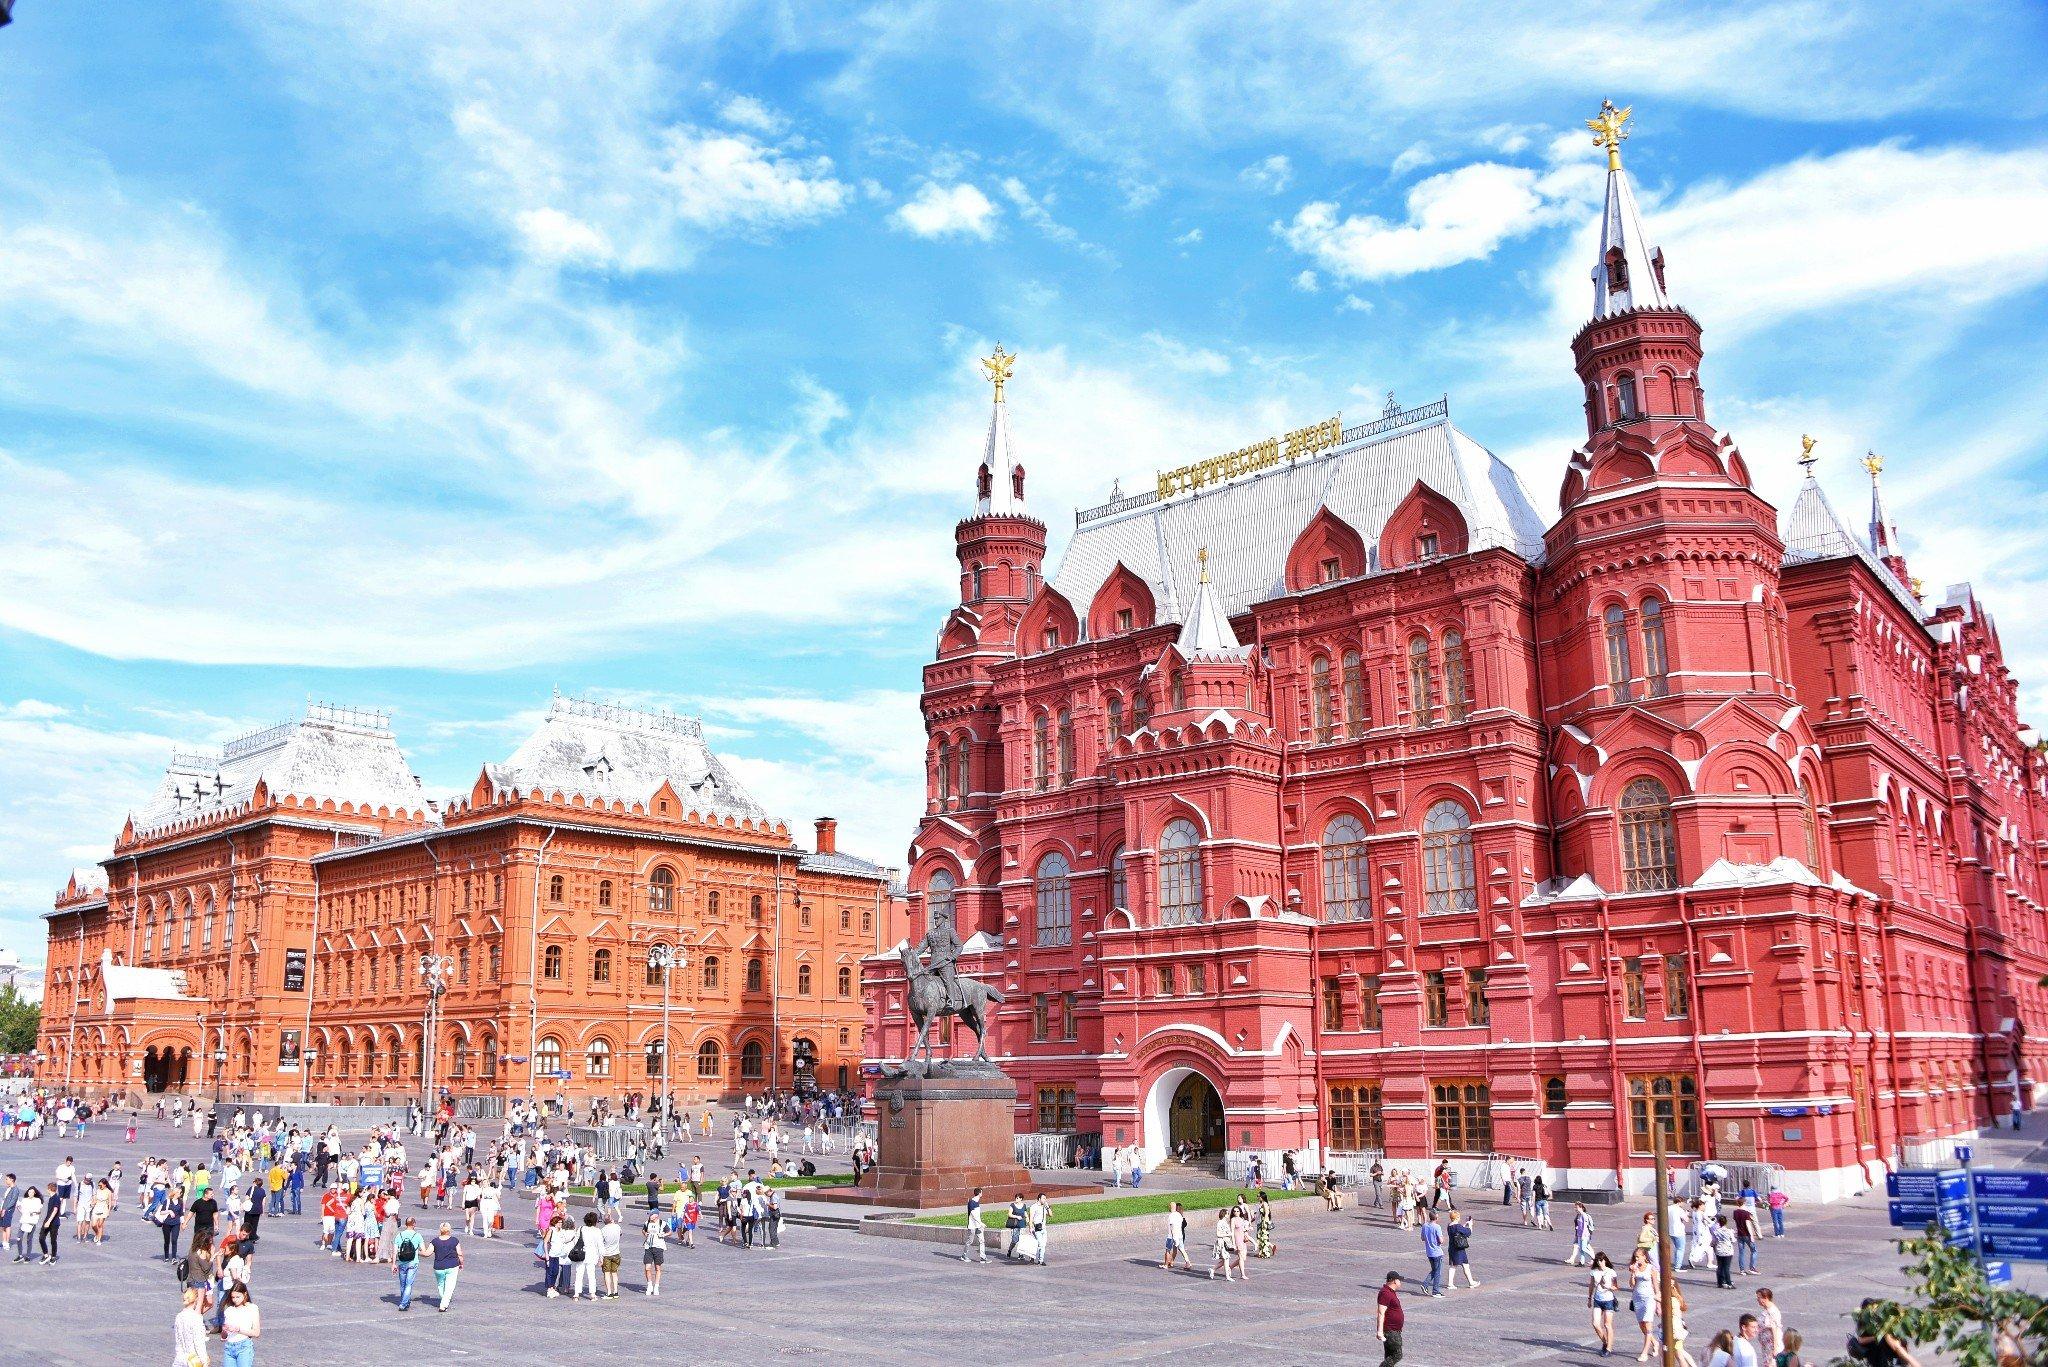 你说莫斯科太冷,我却看到了他温暖可爱的样子